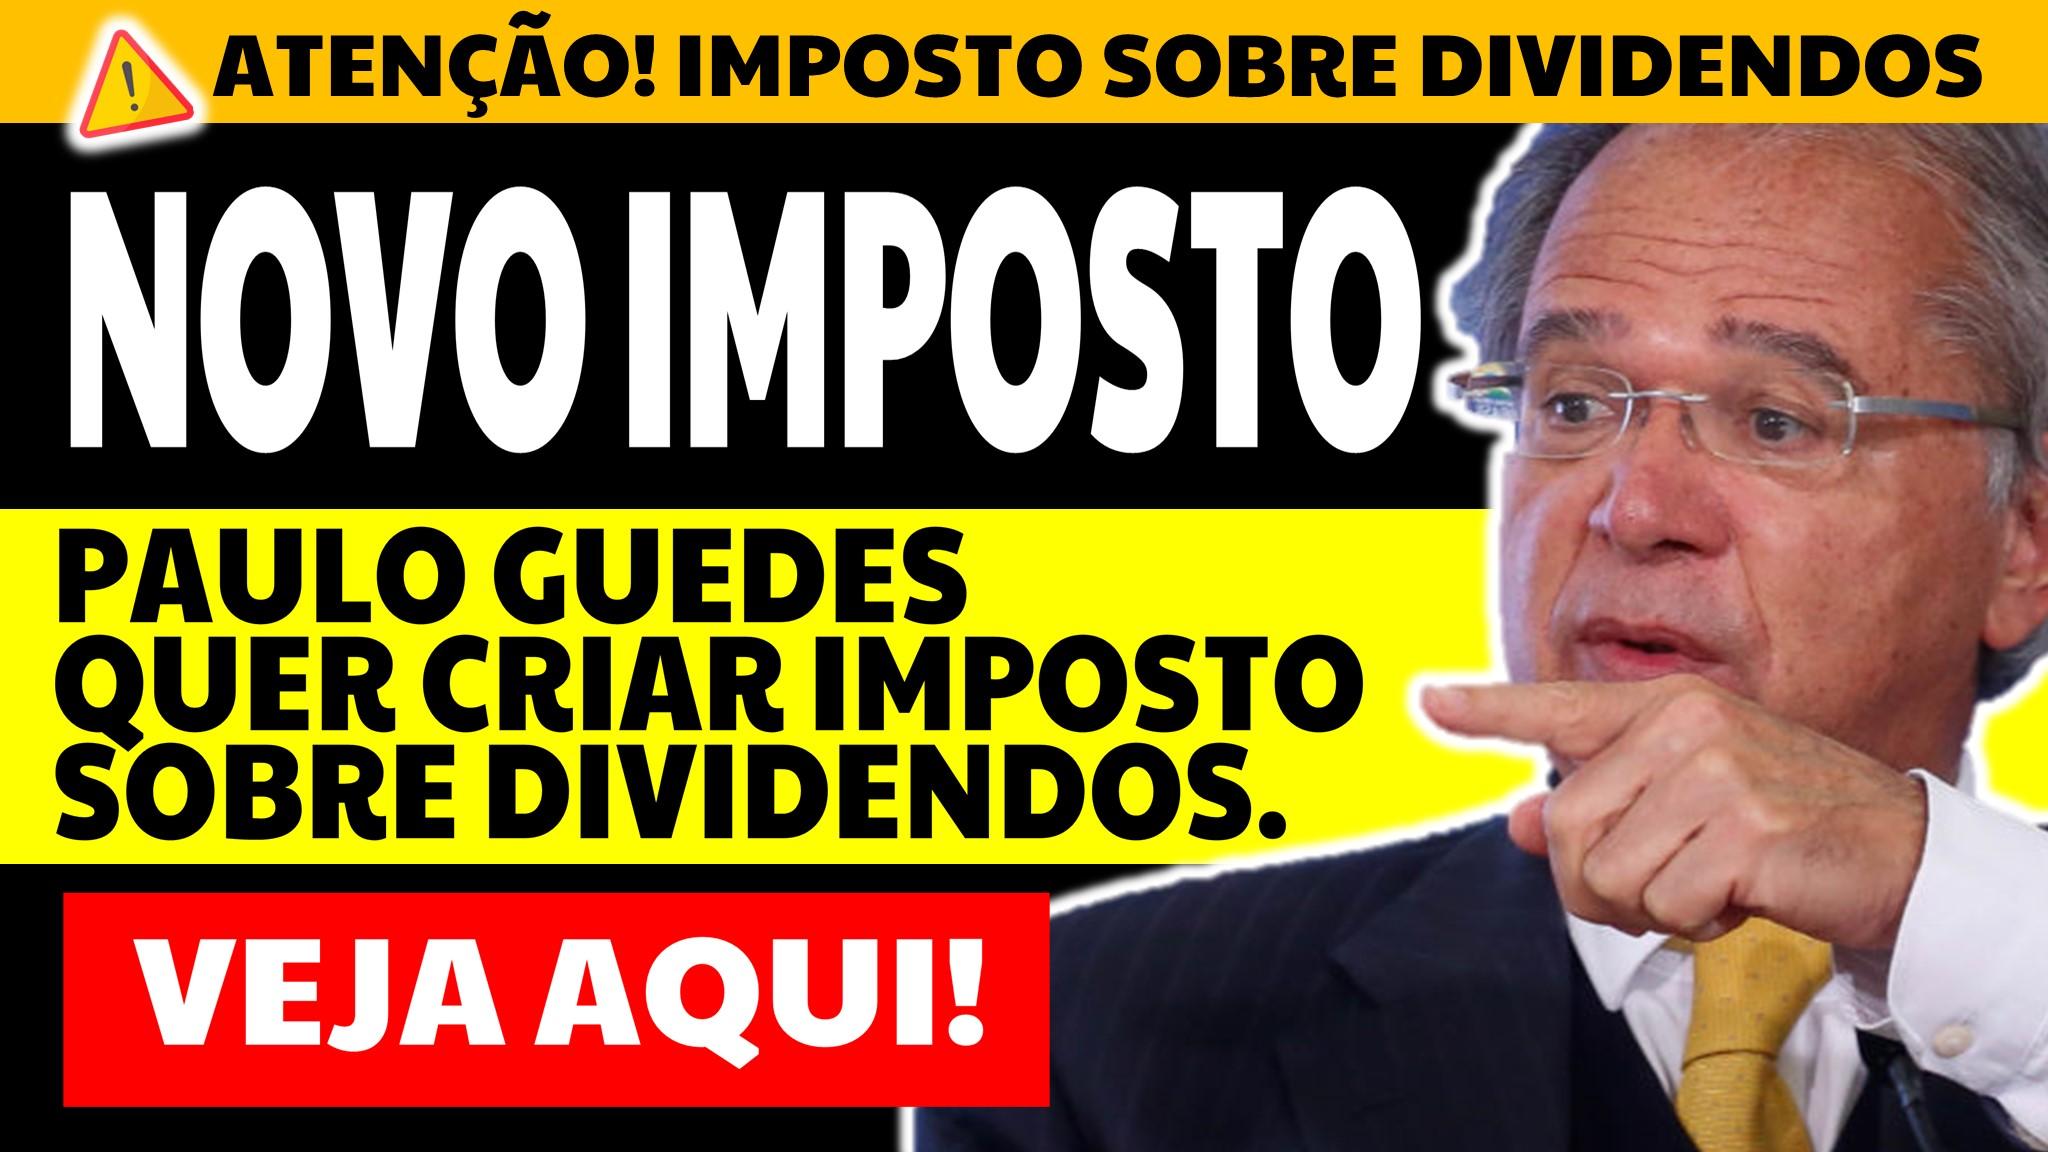 [NOVO IMPOSTO] Imposto sobre Dividendos: Guedes quer incluir tributação na Reforma Tributária